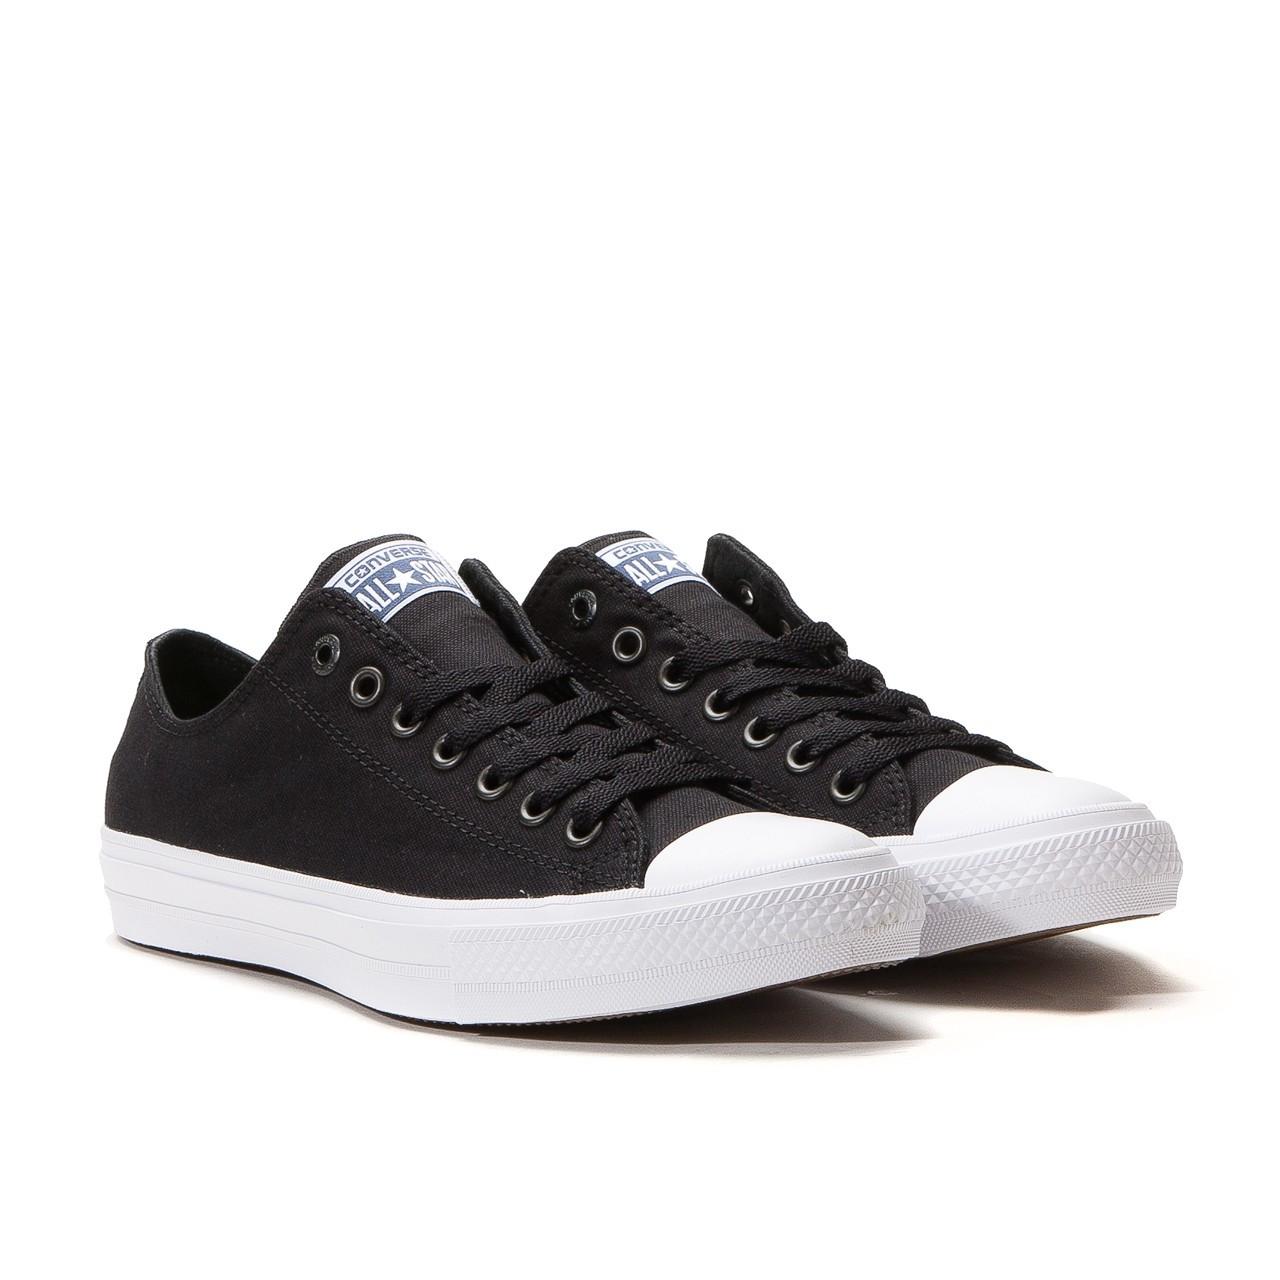 Мужские черно-белые низкие кеды Converse (Конверс) All Star 2 - Интернет  магазин d40c782f94e